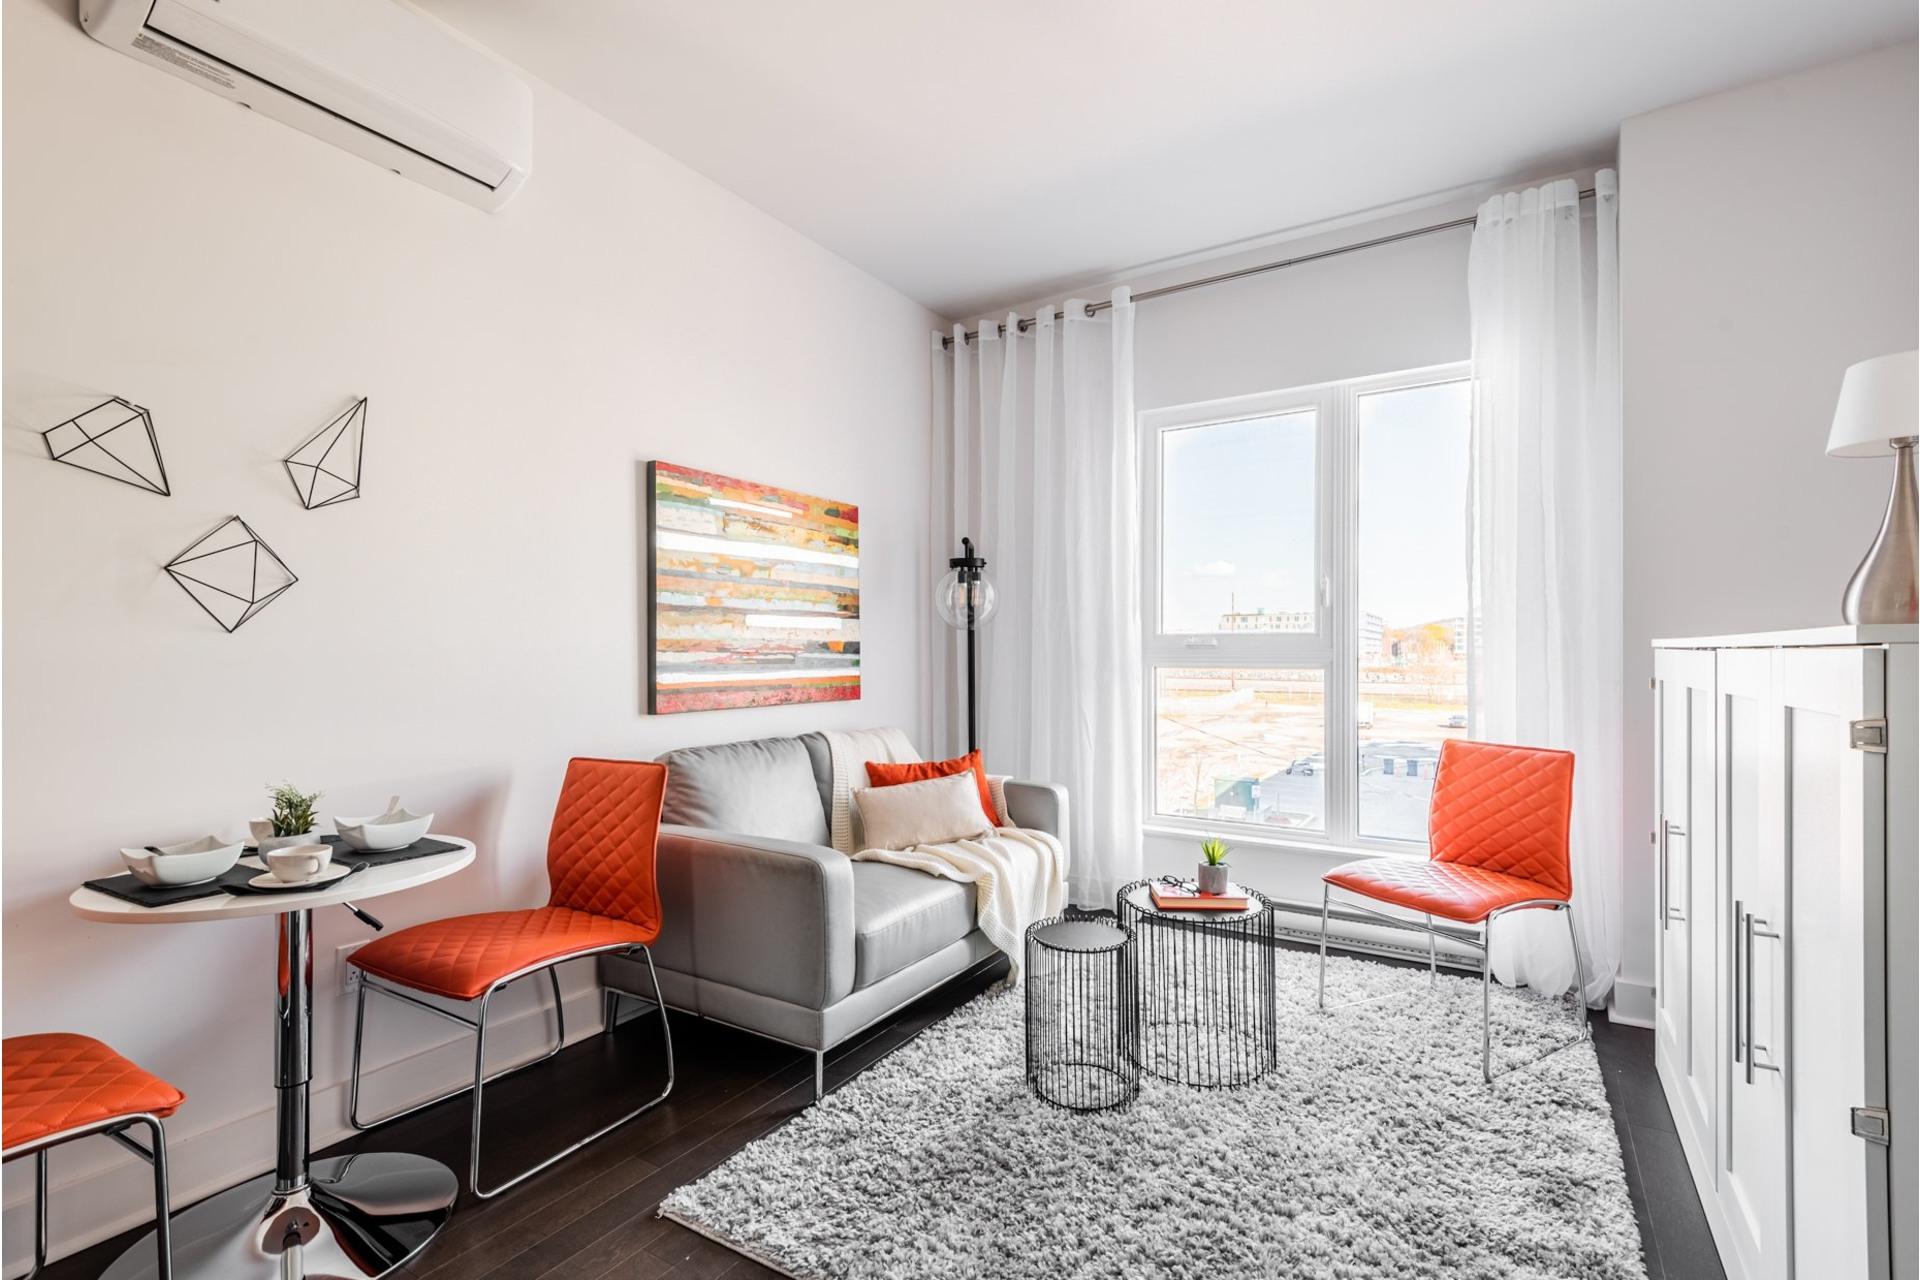 image 2 - Appartement À vendre Villeray/Saint-Michel/Parc-Extension Montréal  - 3 pièces